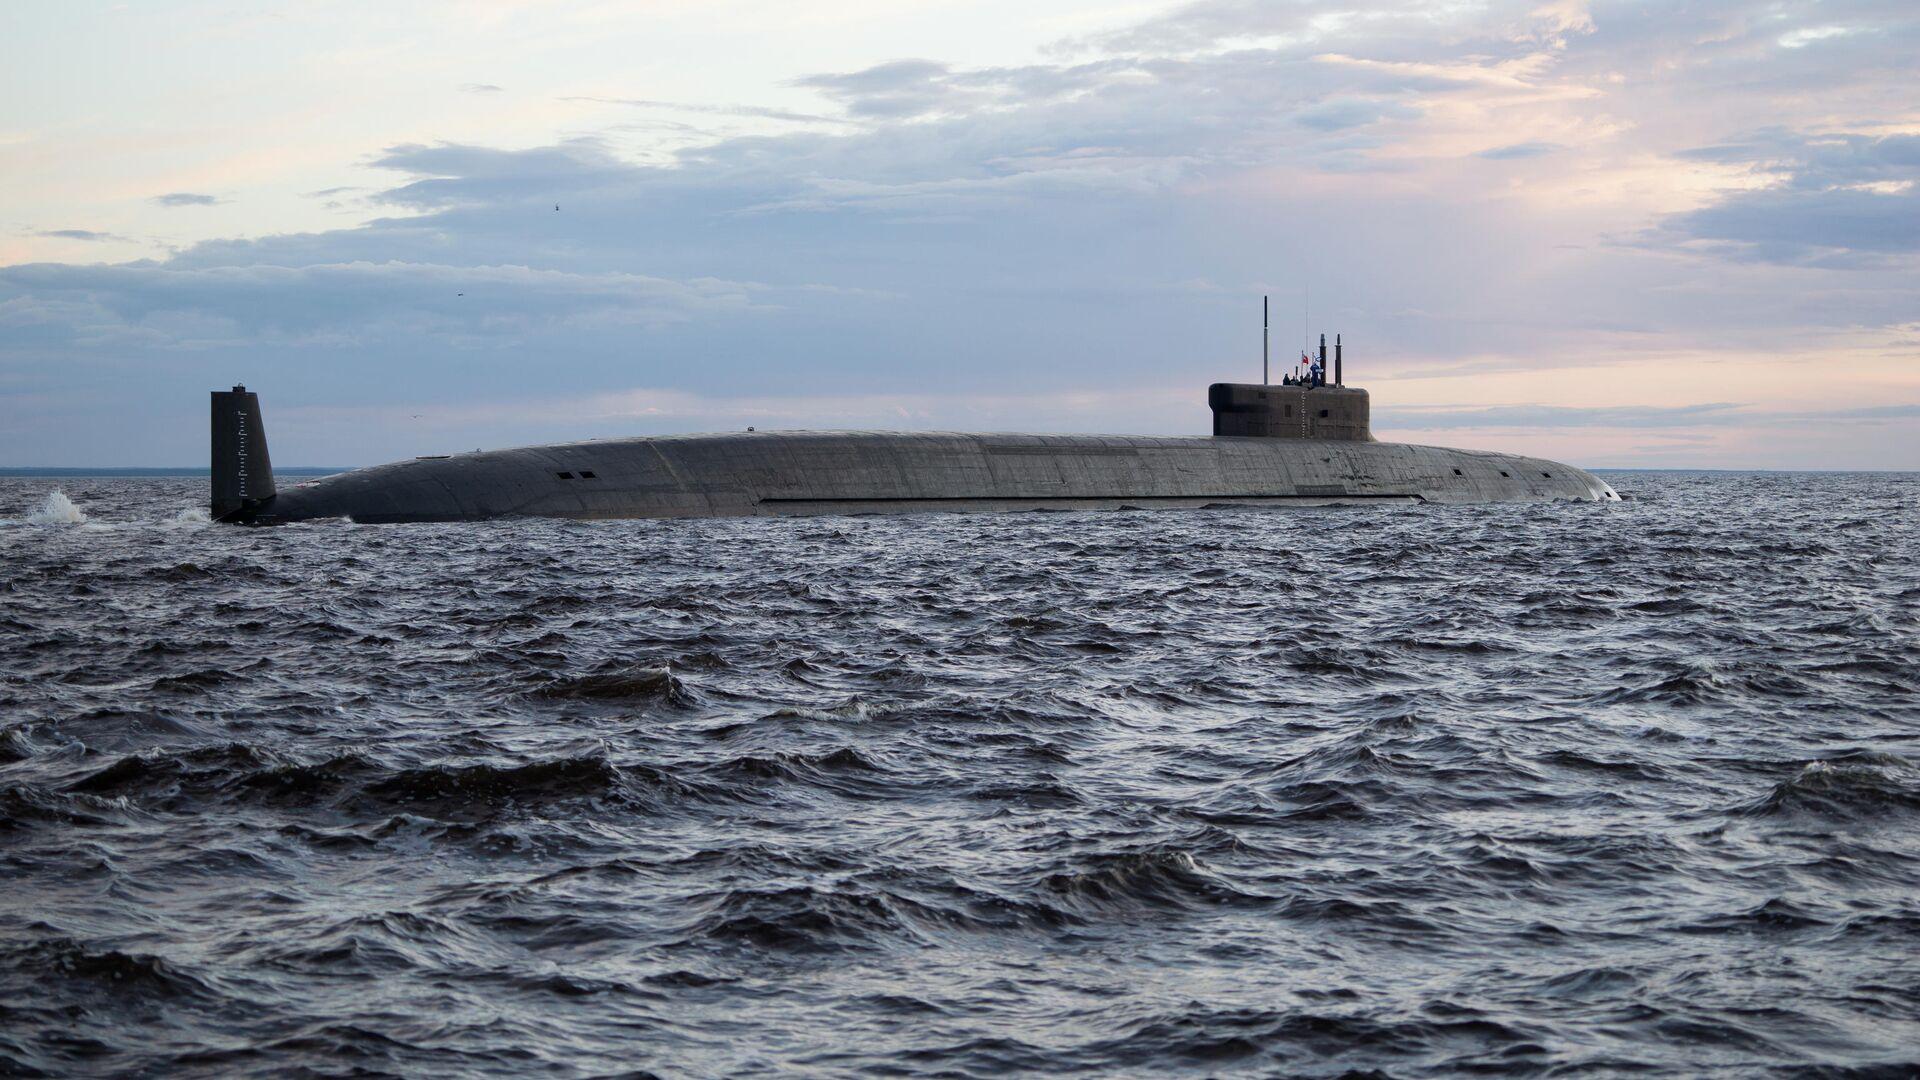 Атомная подводная лодка стратегического назначения Князь Владимир проекта 955А - РИА Новости, 1920, 17.05.2021